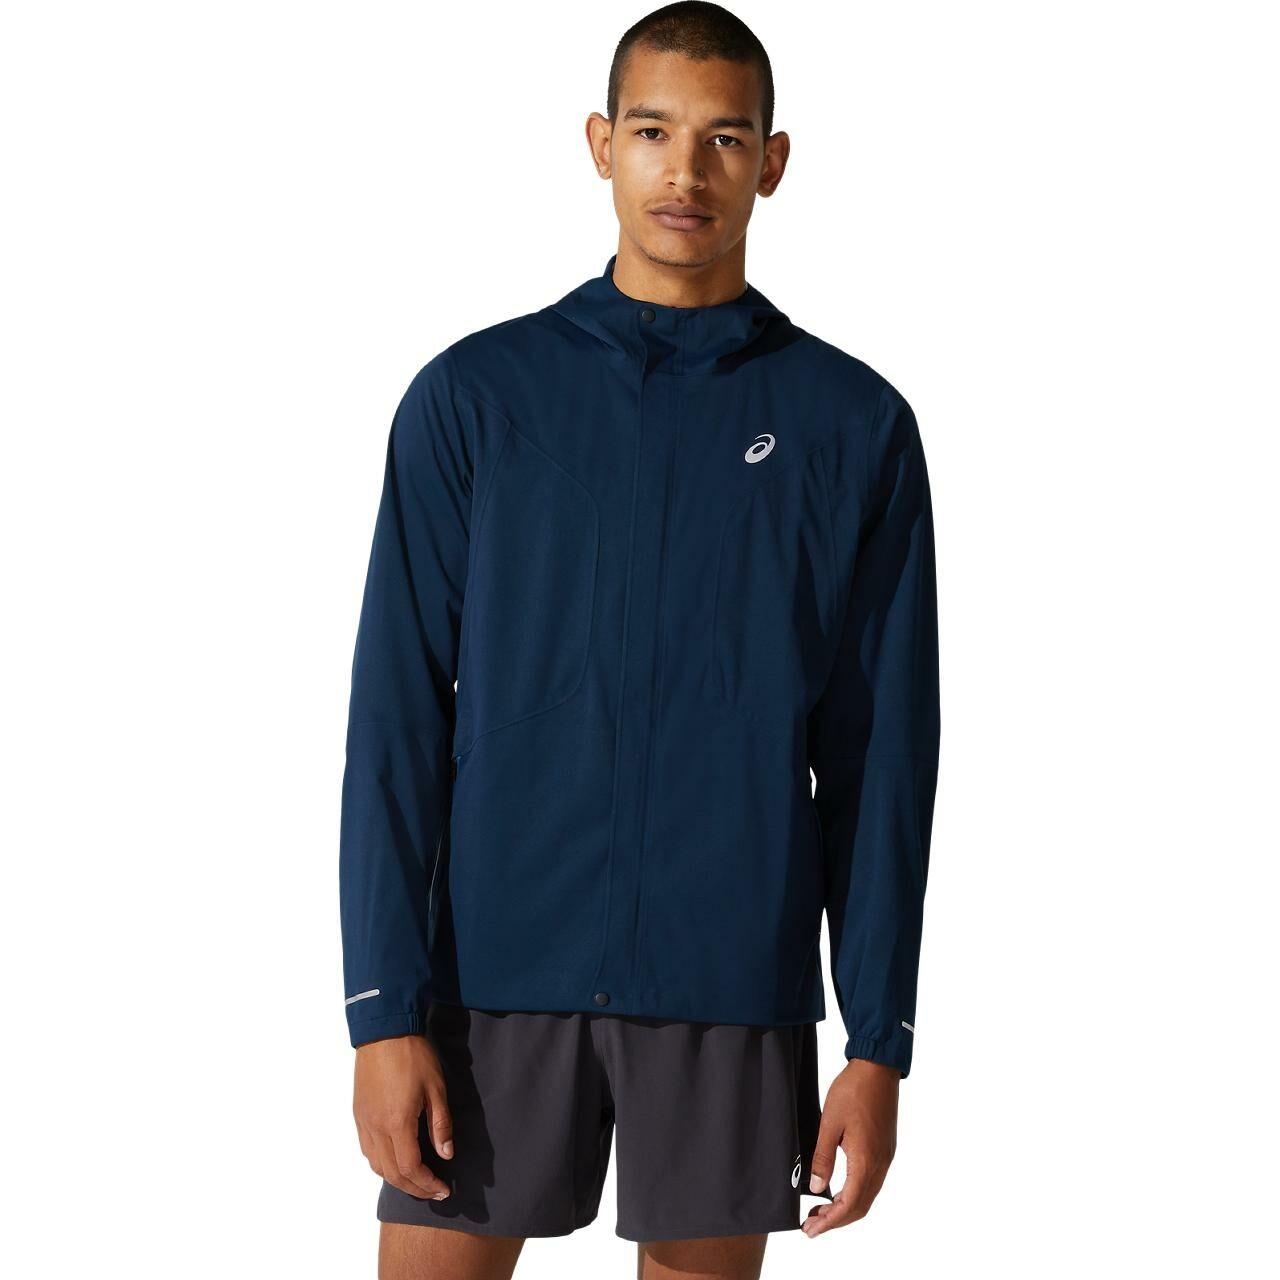 Asics Accelerate Jacket (French Blue)